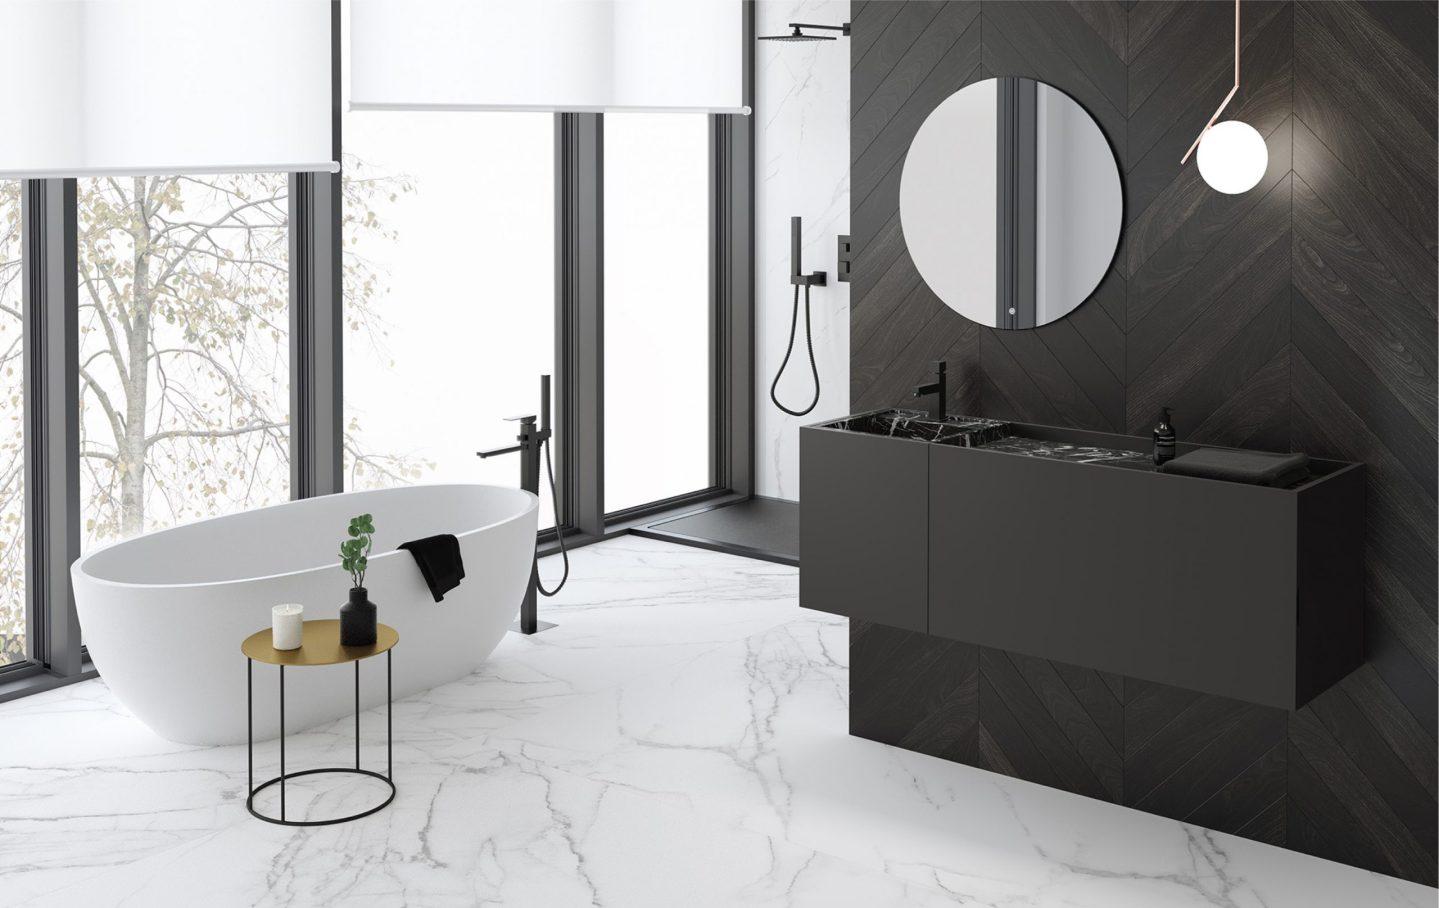 tendencia en interiores: baños